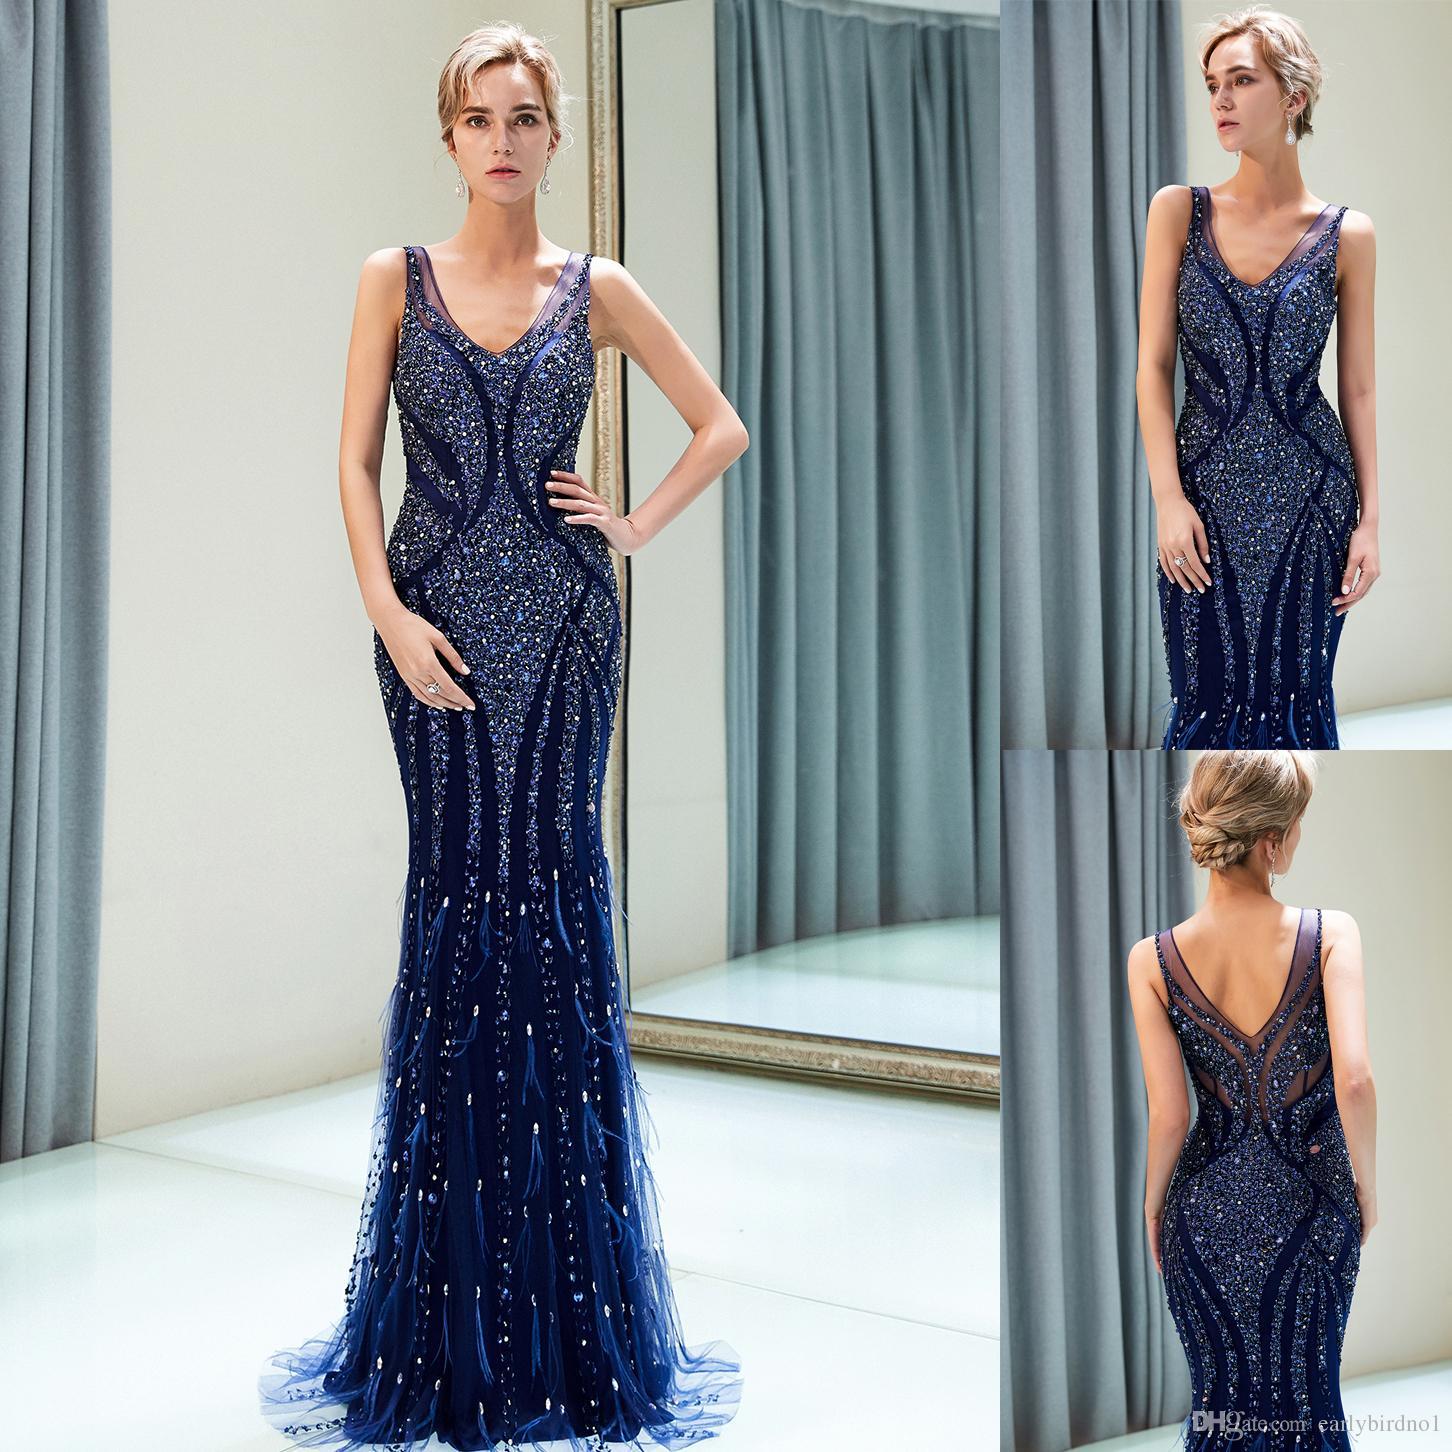 großhandel elegante marine blau wulstige designer abendkleider luxus  meerjungfrau riemen mit v ausschnitt bodenlangen abendballkleid  hochzeitsgast